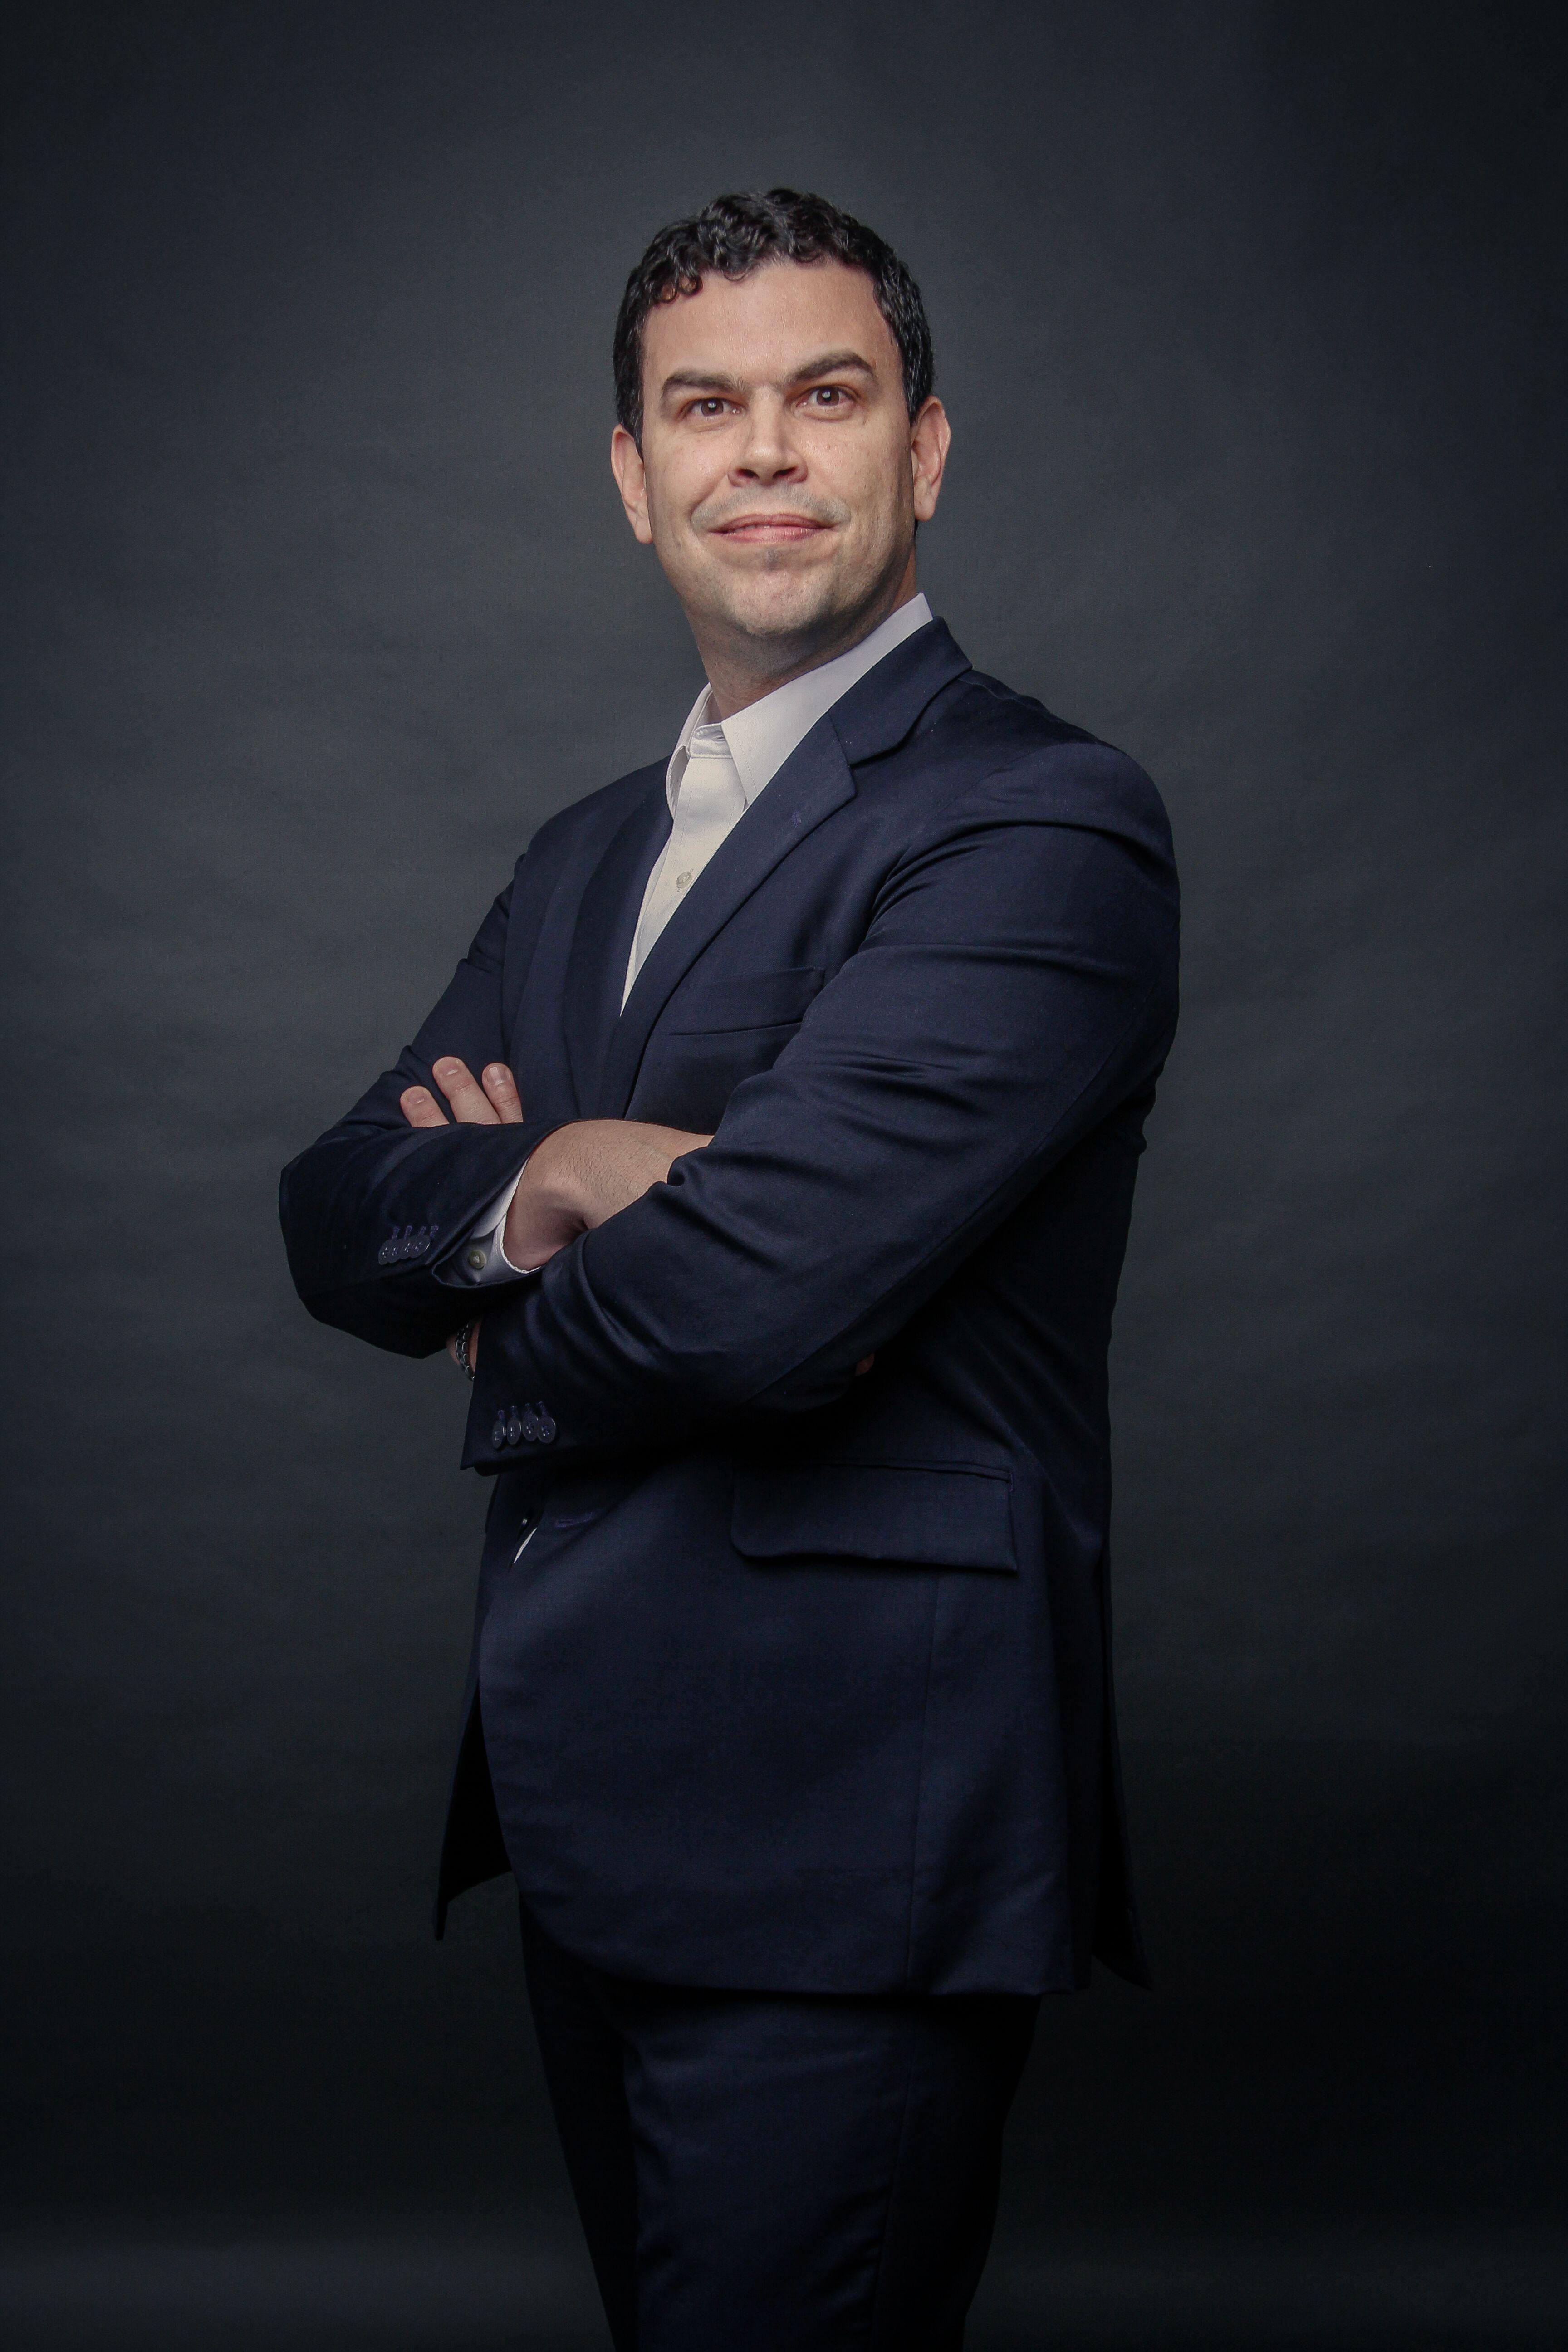 """Fernando Vasconcellos, head de marketing do Grupo XP: """"parceria para atingir objetivos"""""""